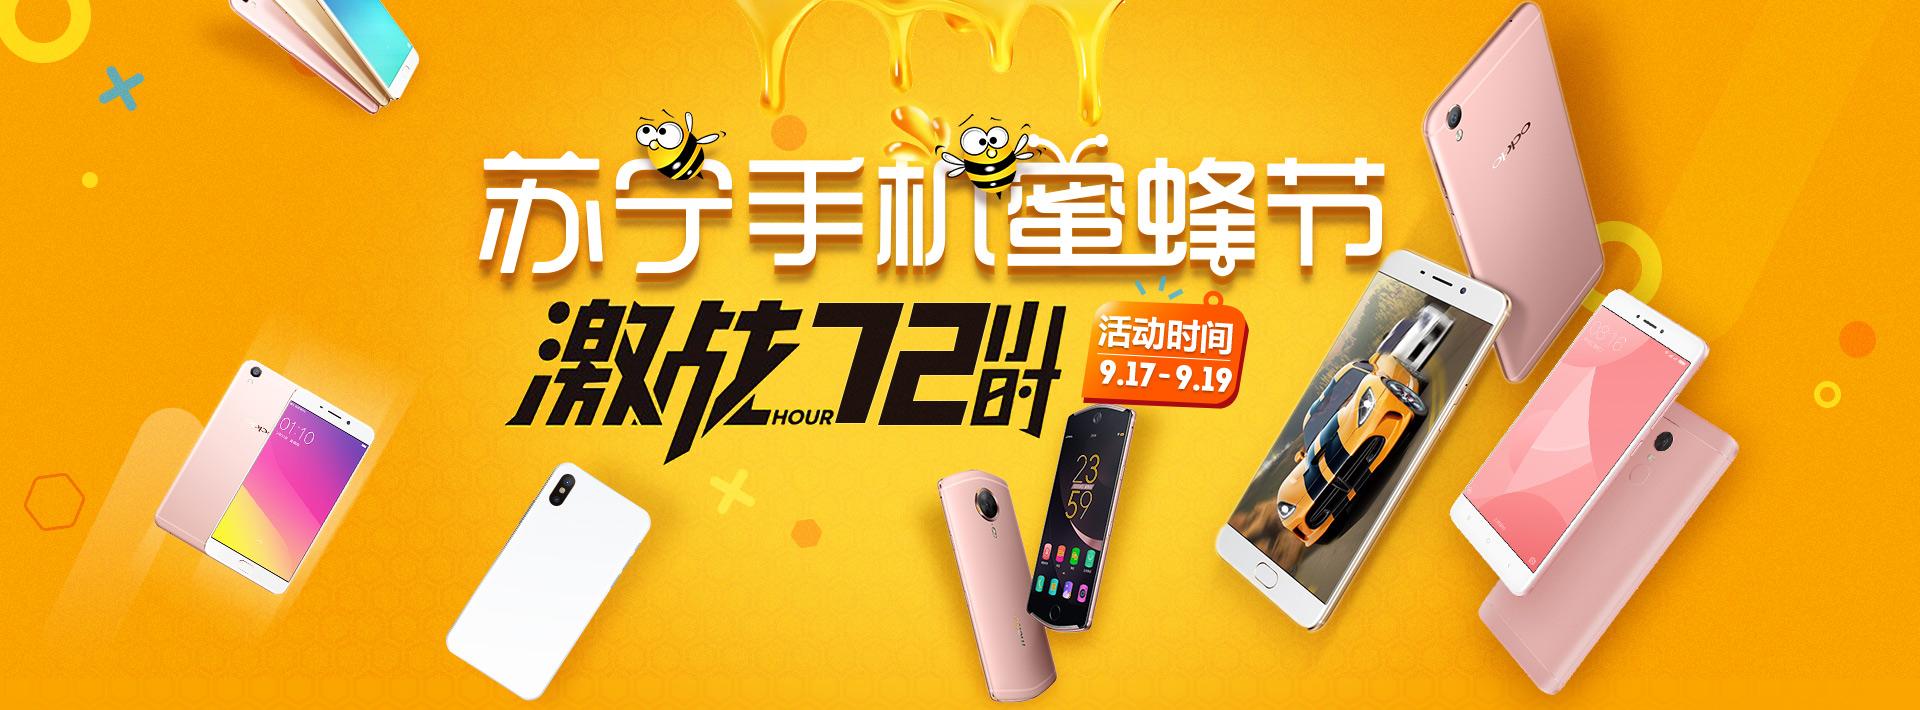 苏宁手机蜜蜂节,活动时间:9月17~19日,激战72小时